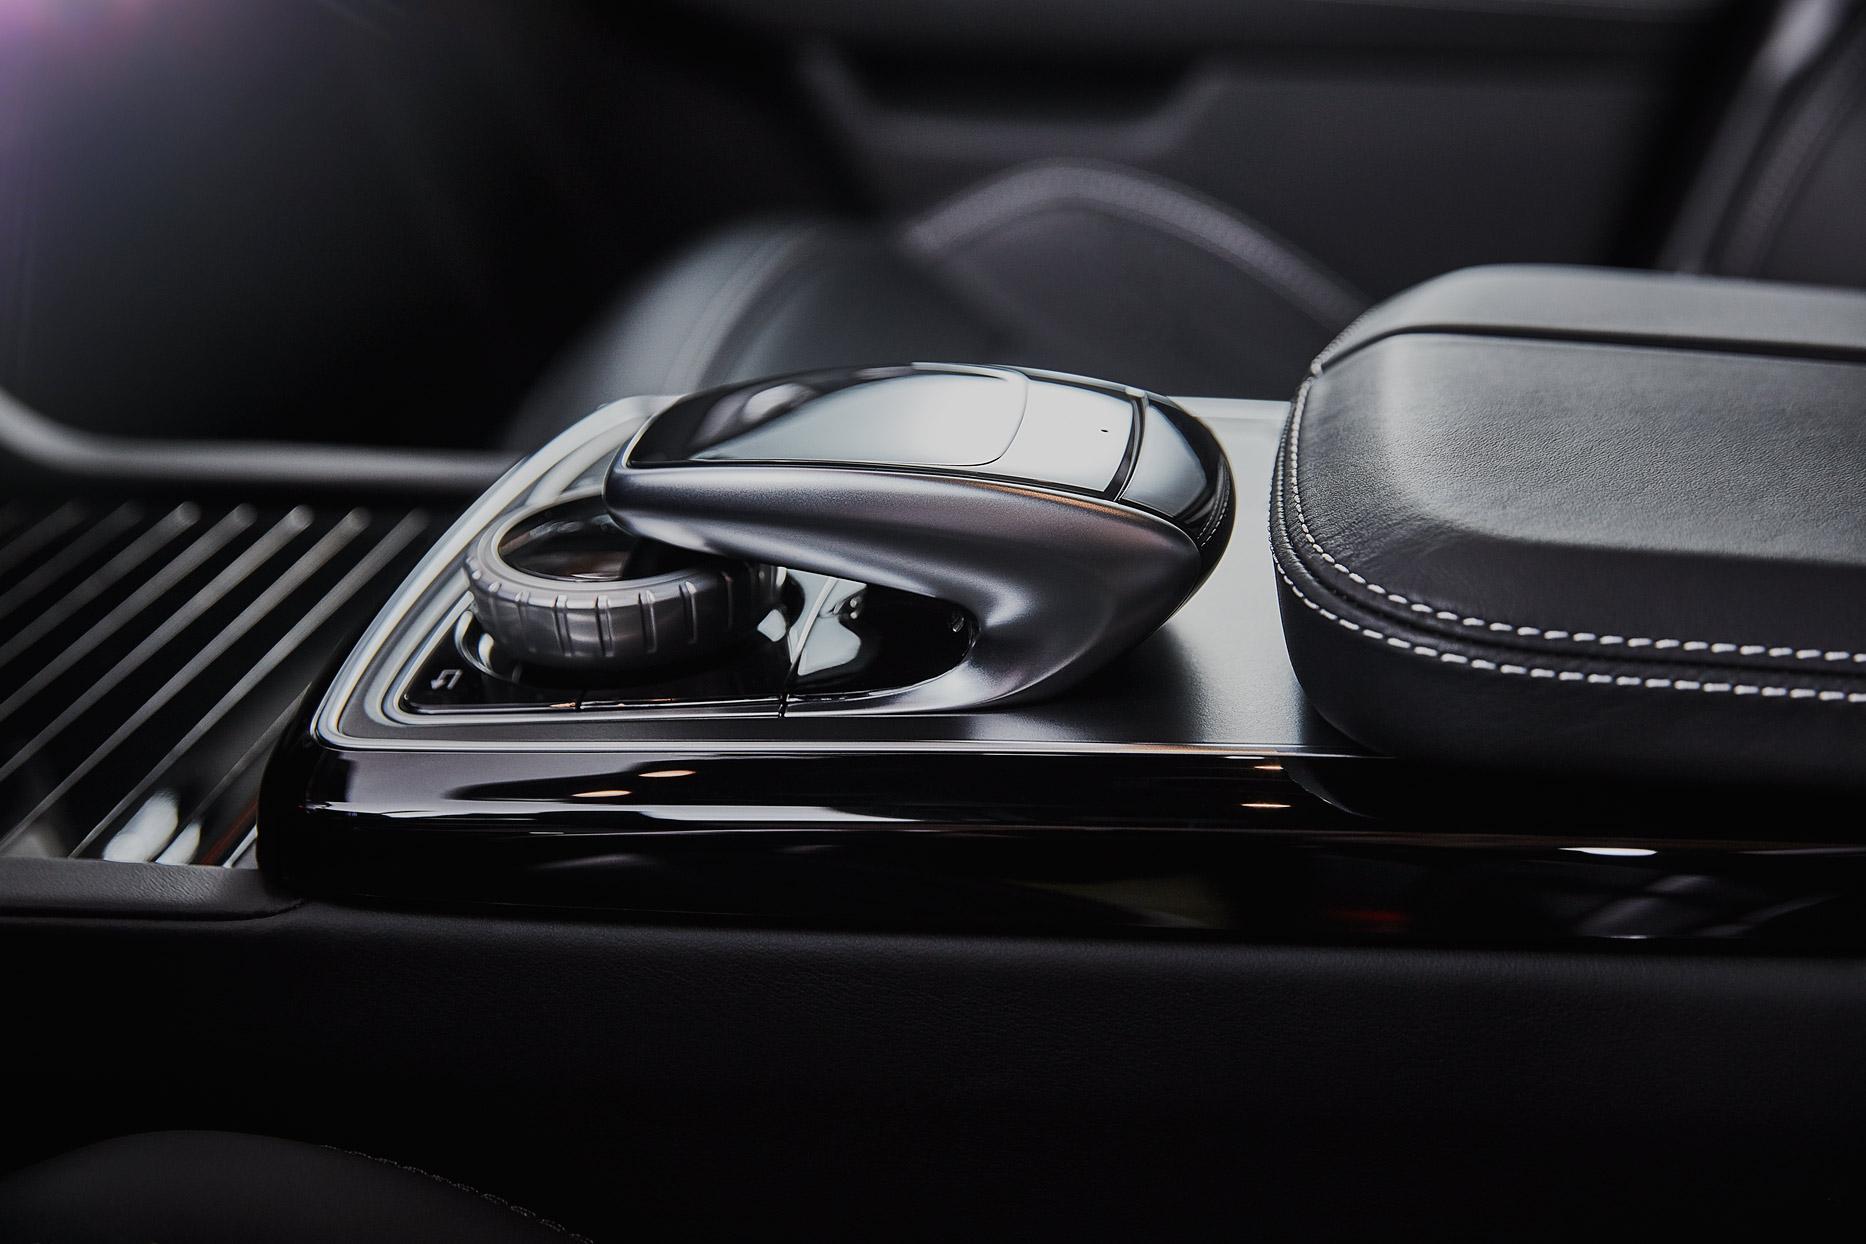 Mercedes_GLE_AMG63s_0257_HERO_FINAL_1244_WEB.jpg